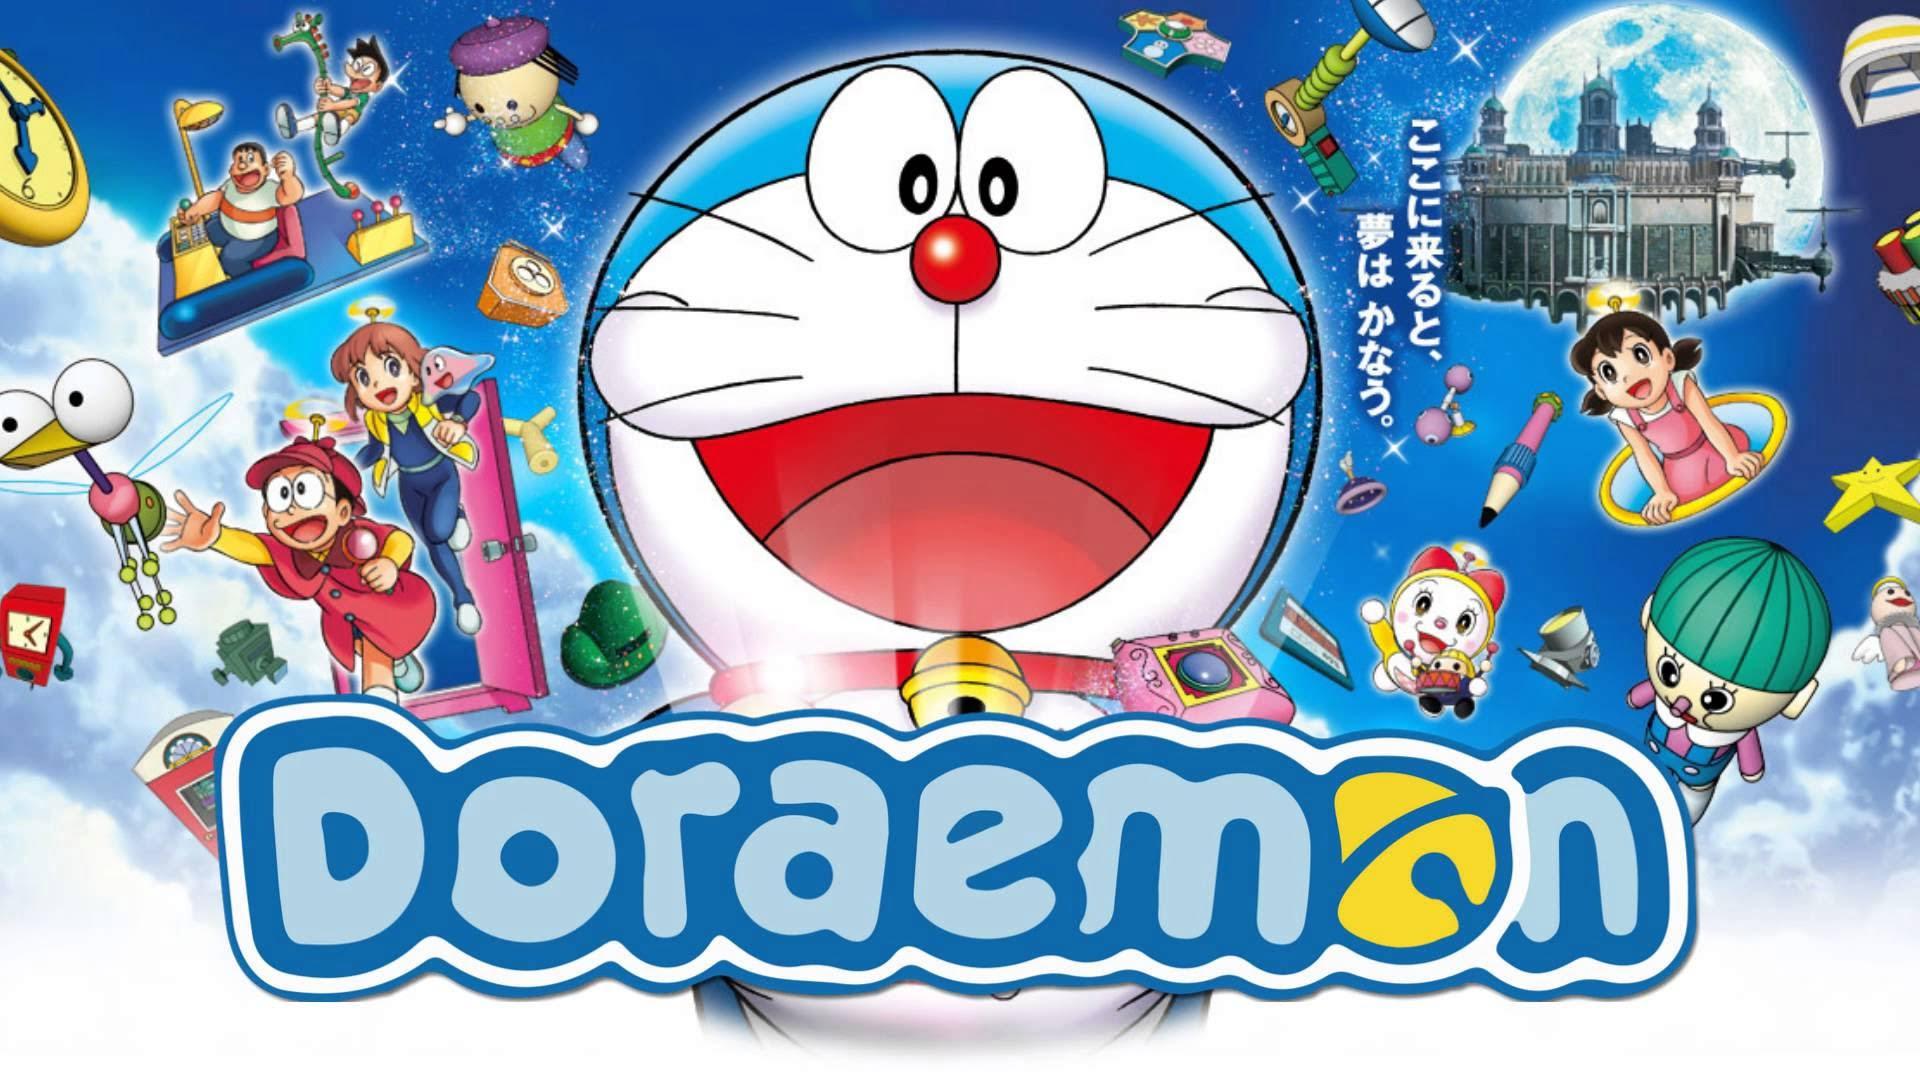 โดราเอม่อน เดอะ มูฟวี่ (Doraemon The Movie)